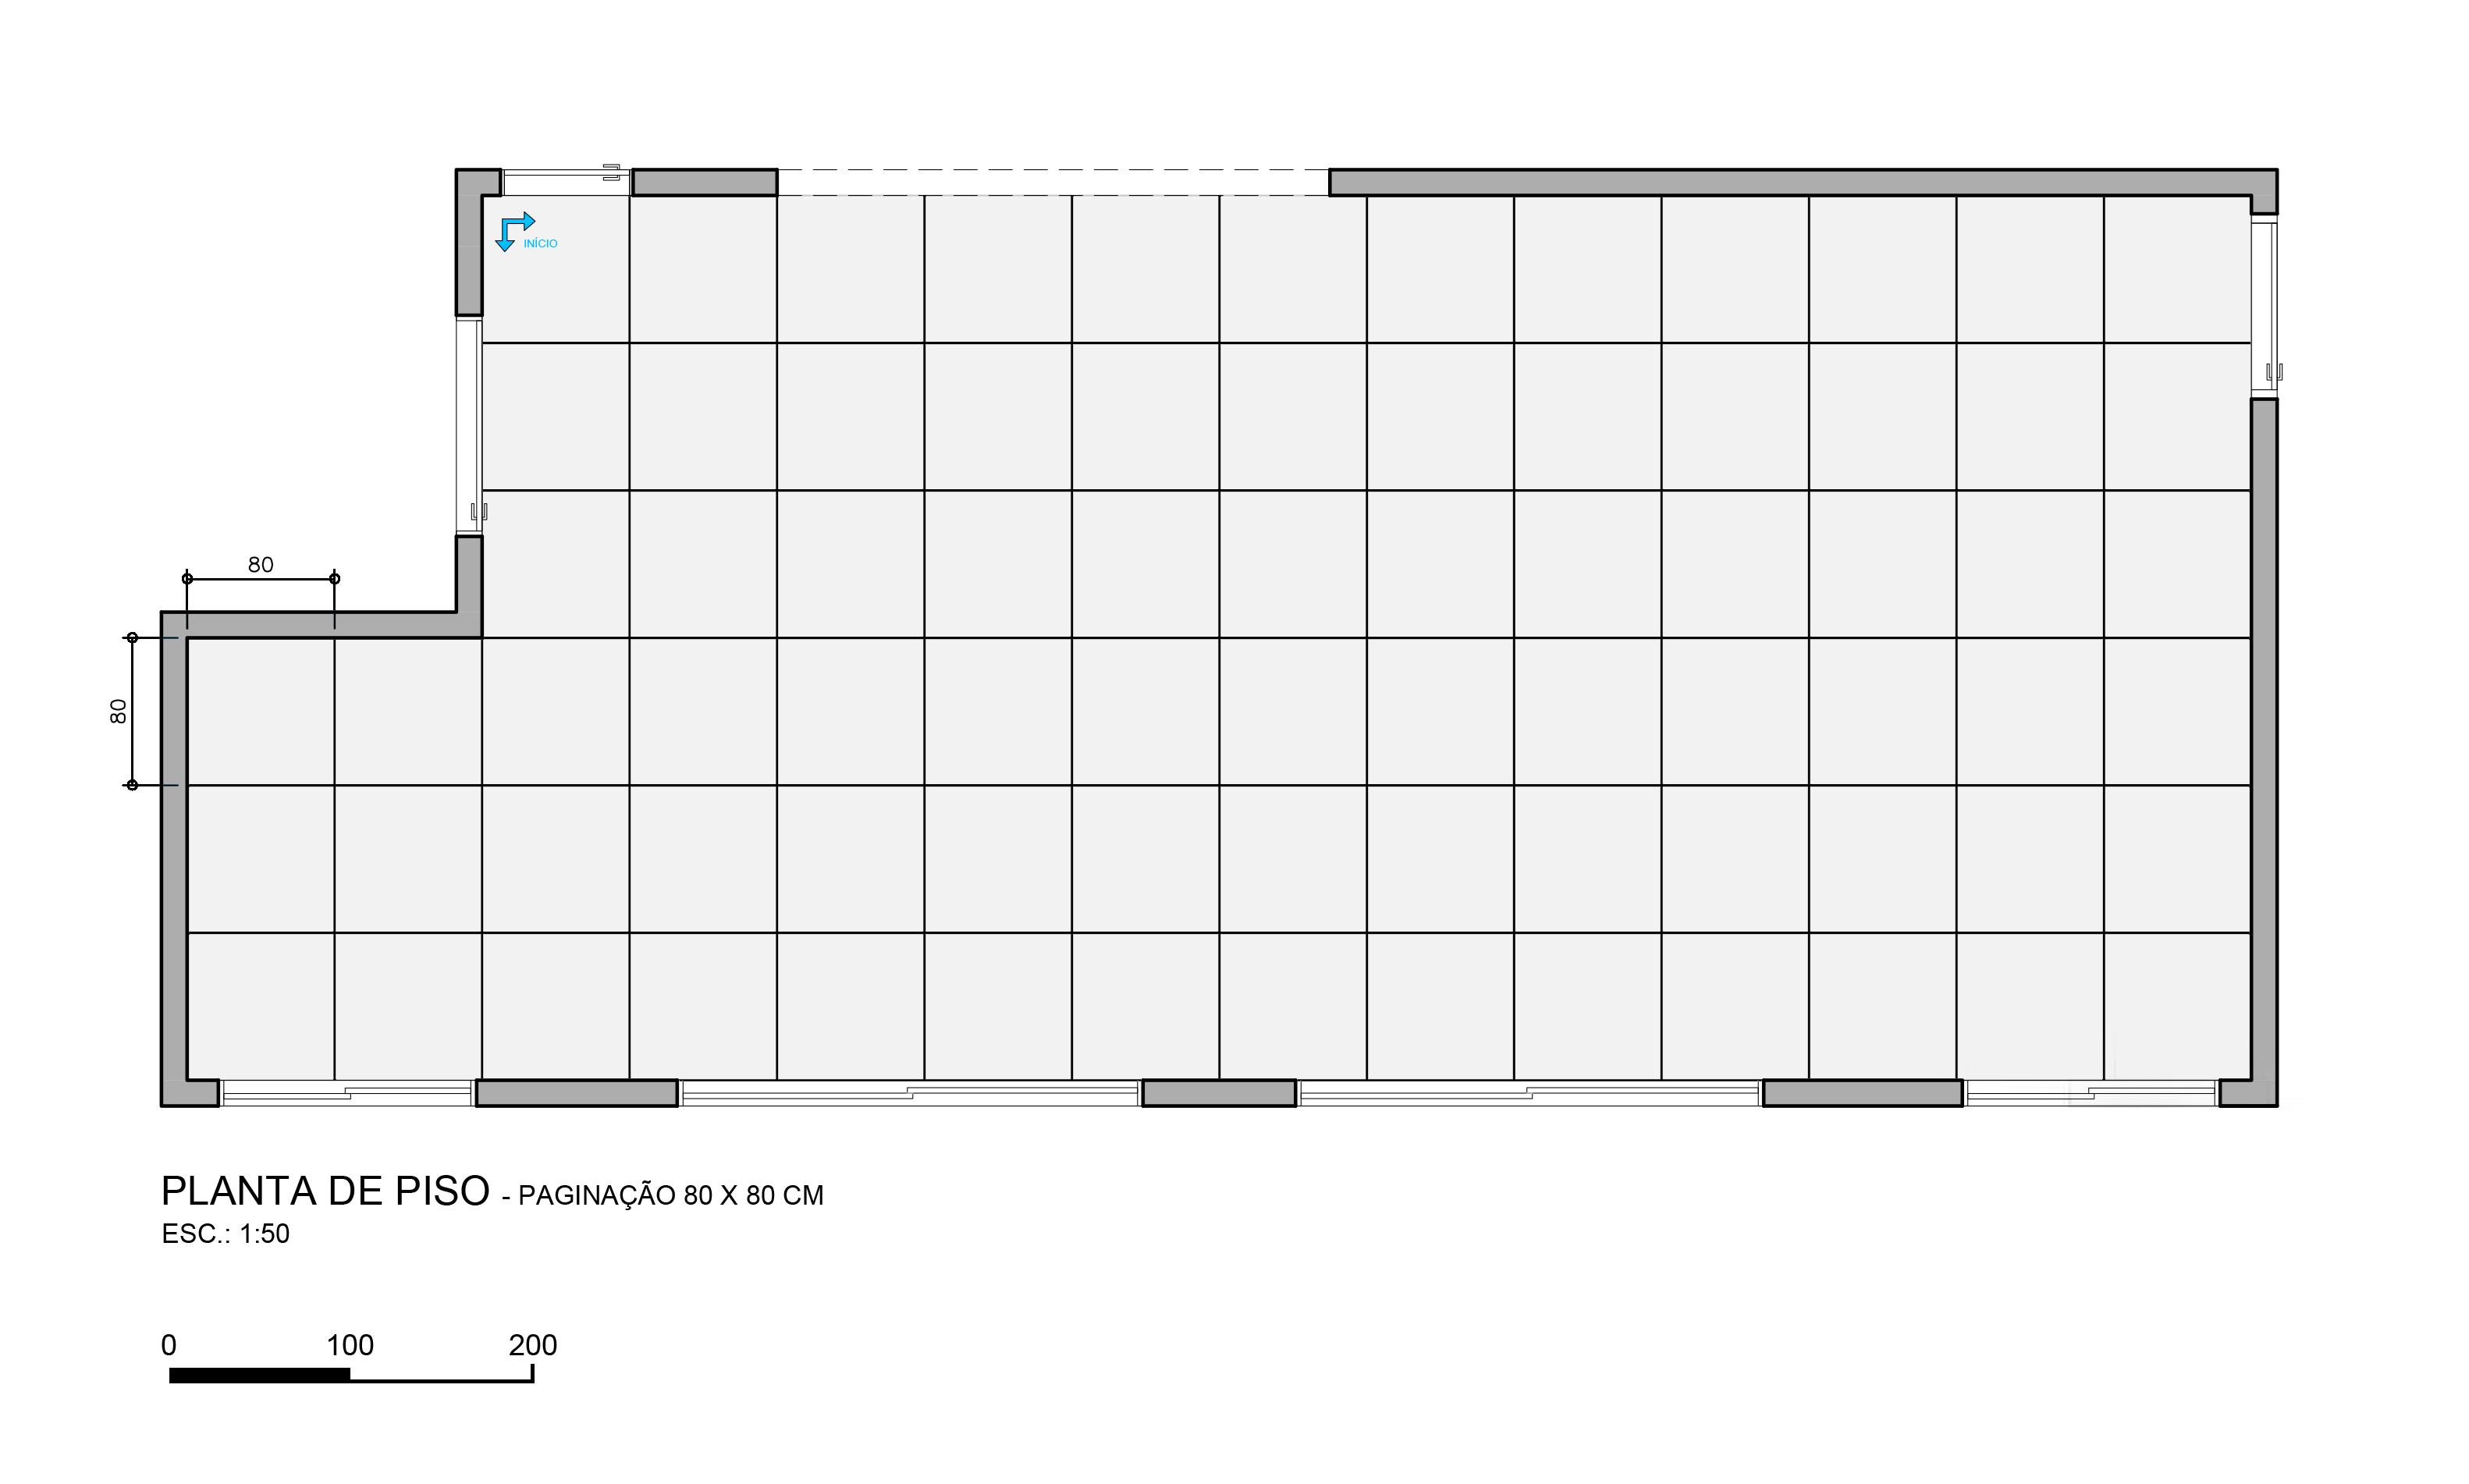 Casa Vogue: Pisos e revestimentos em maxi formatos : saiba como usar Planta com piso 80 x 80 cm do escritório Oficina 11:11